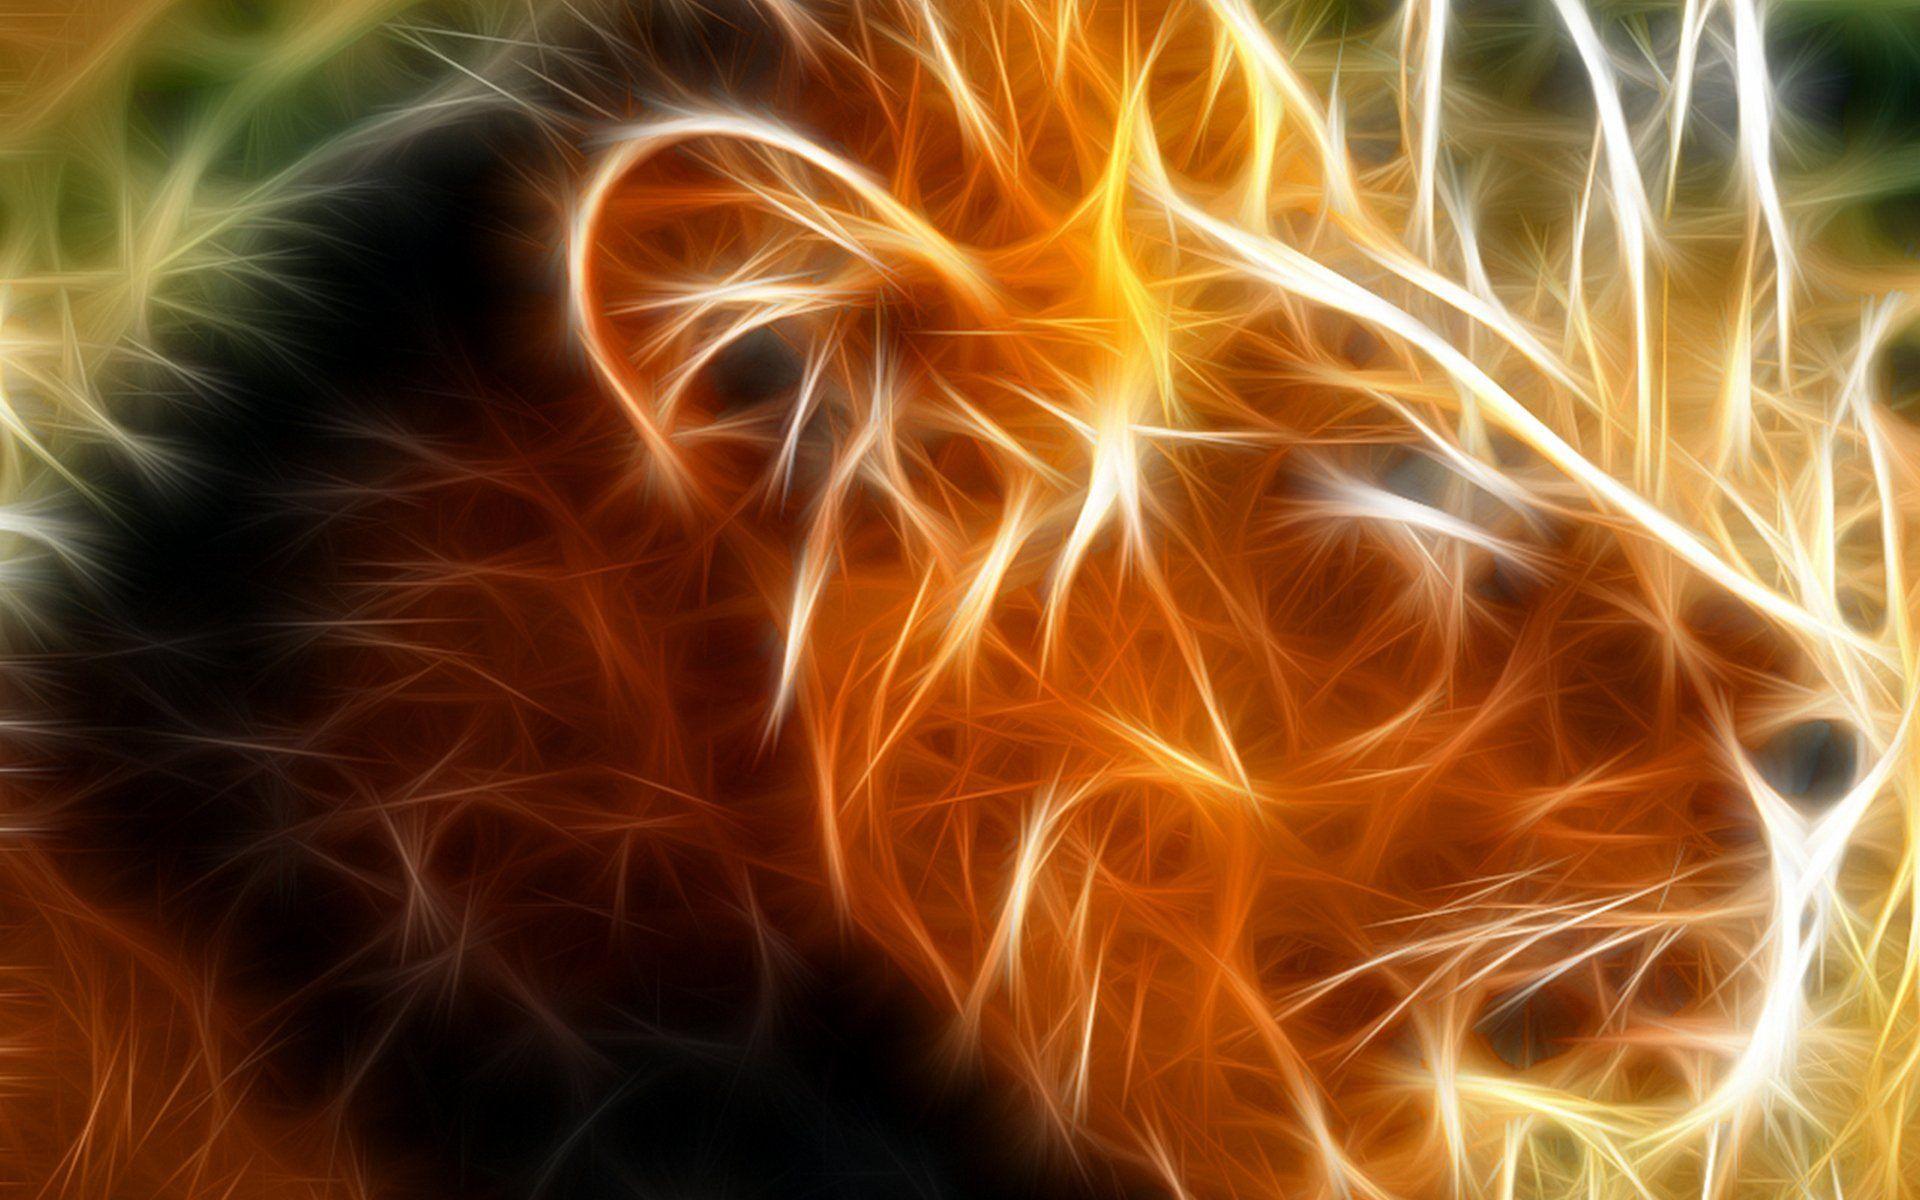 1920x1200 прохладный Лев обои-поделился Мередит #29146 / Mulierchile